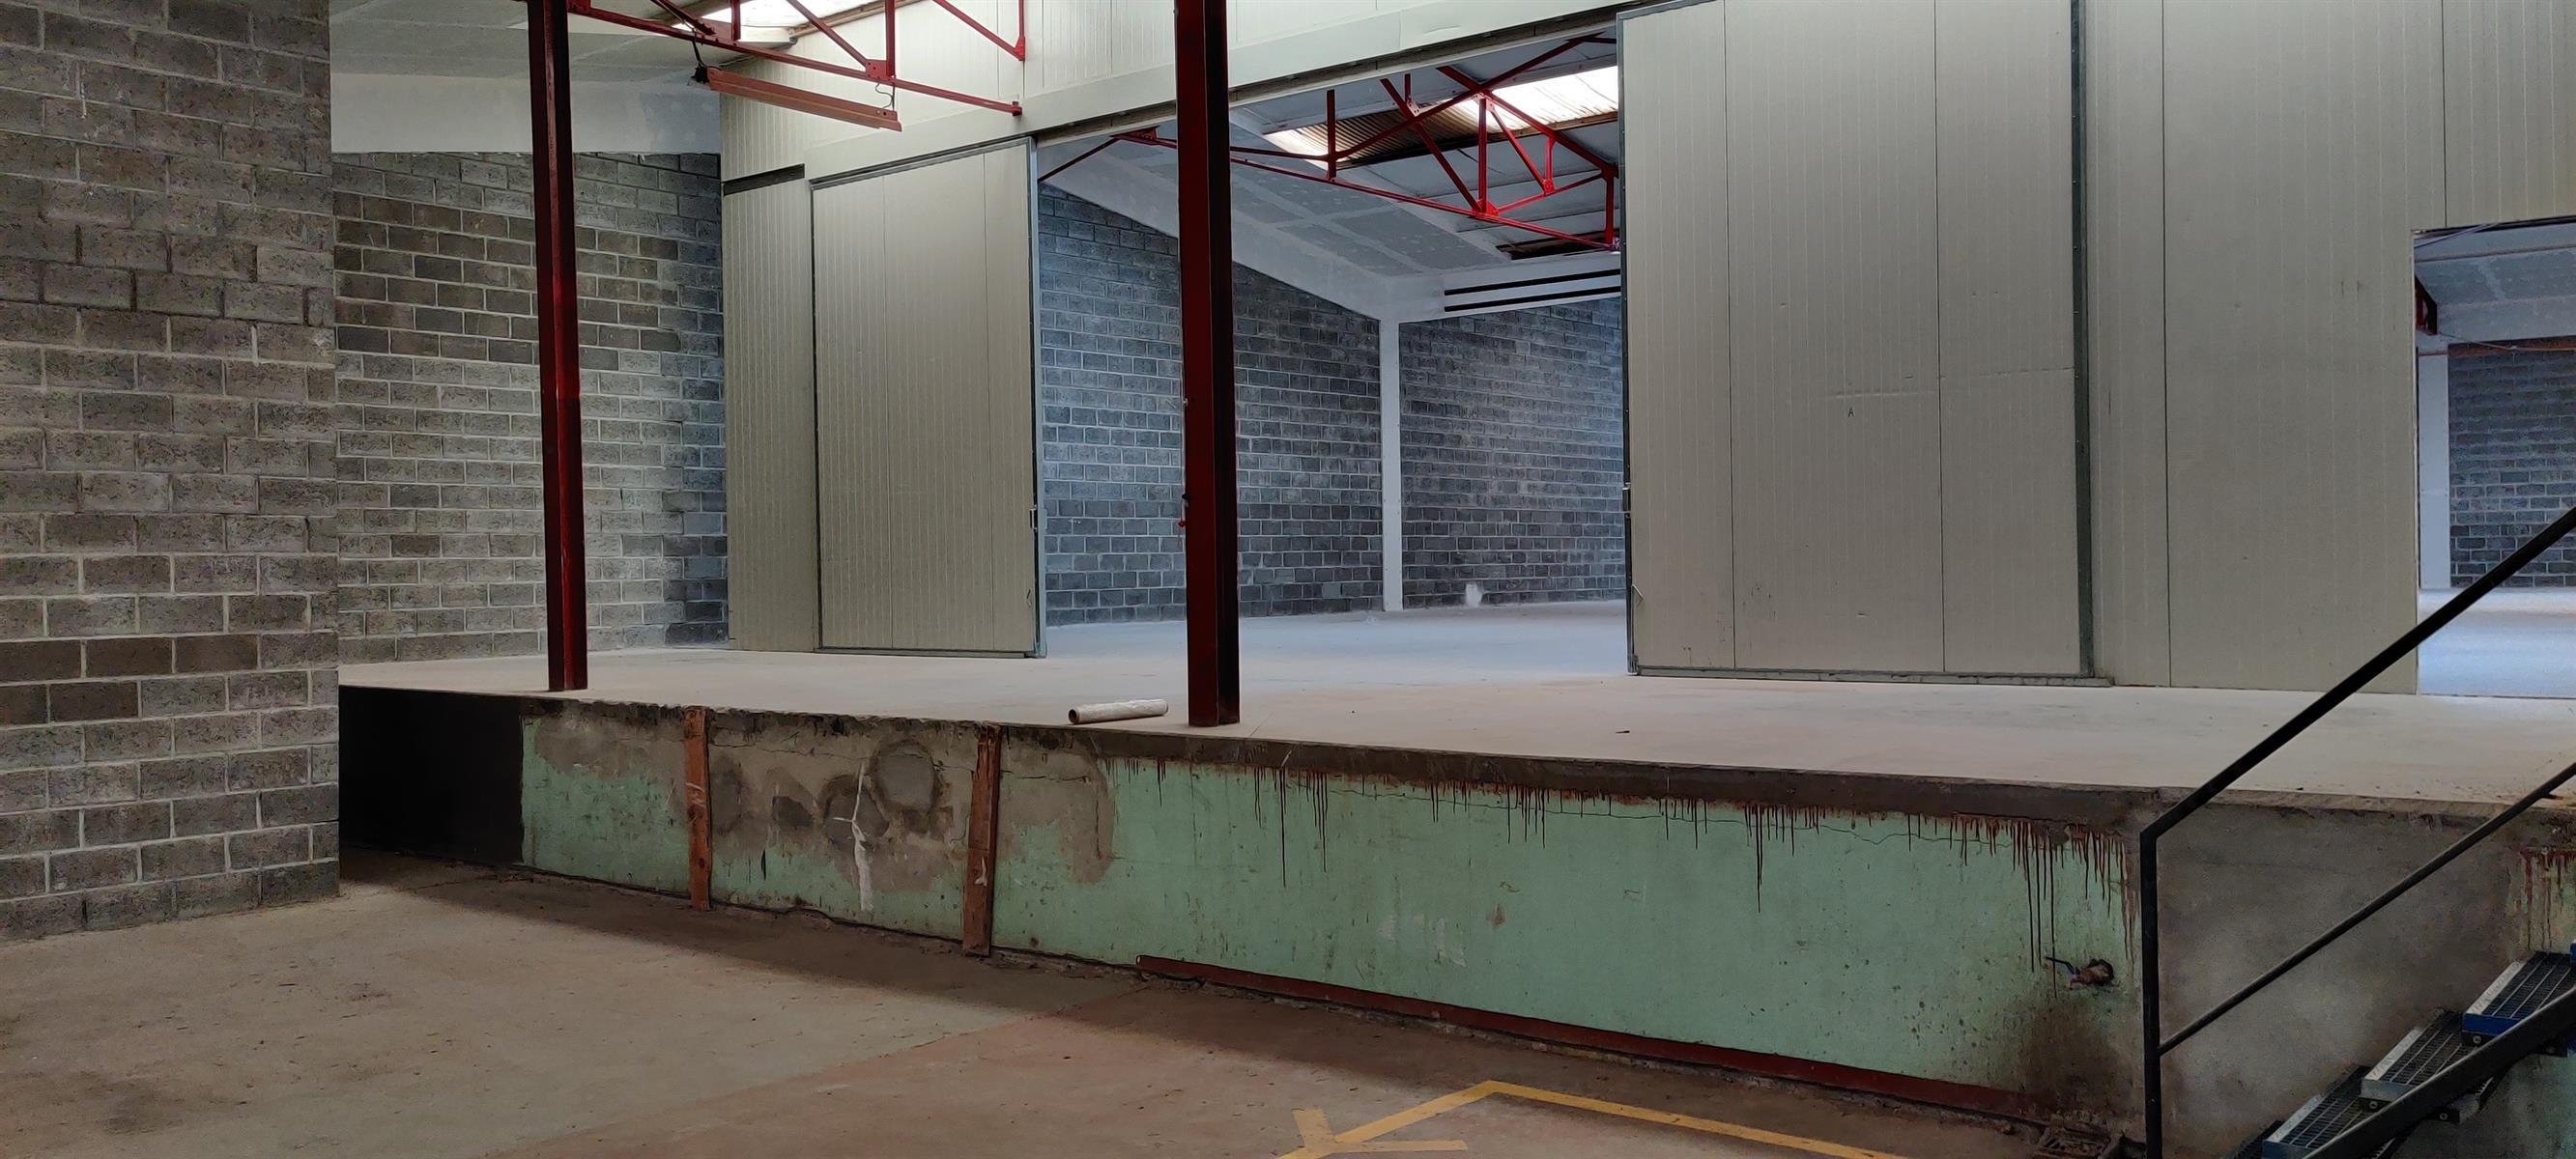 gebouw voor gemengd gebruik te huur I158 - Lumbeekstraat 38, 1700 Dilbeek Sint-Ulriks-Kapelle, België 9